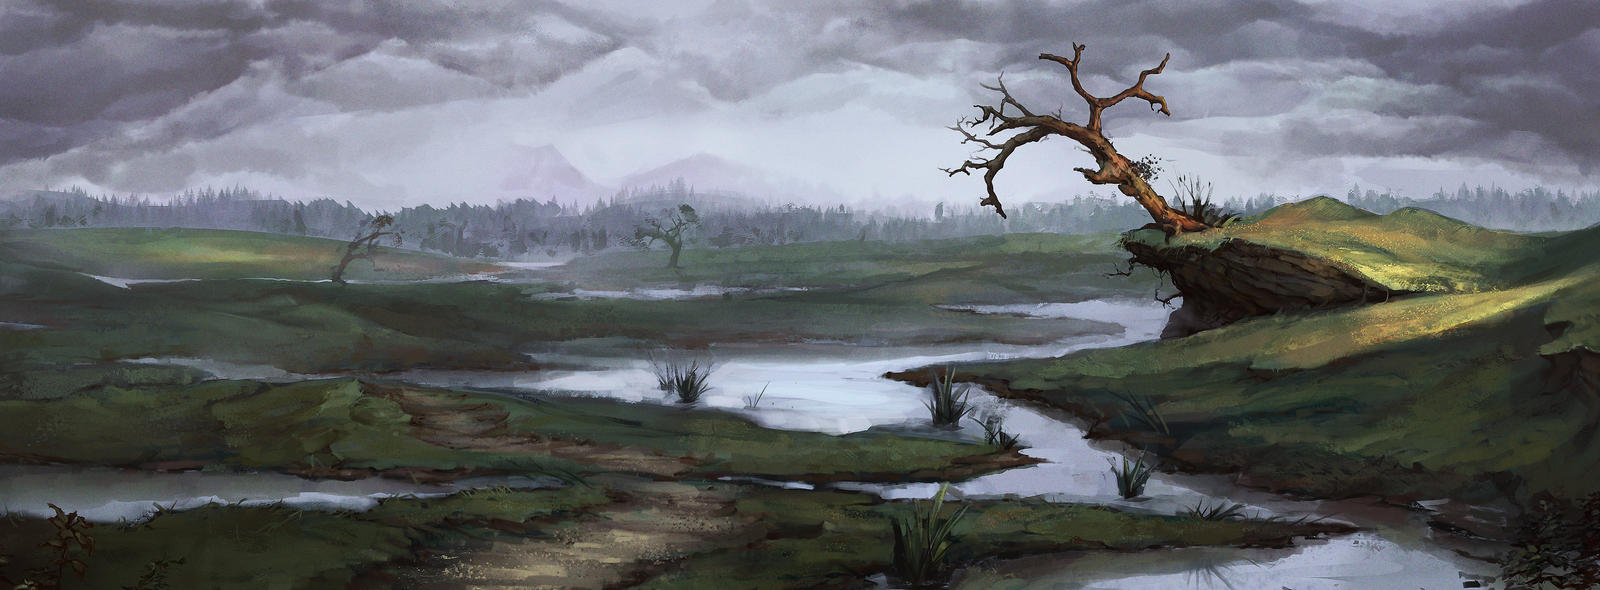 Dead Marshes by DanDanDanTheMan